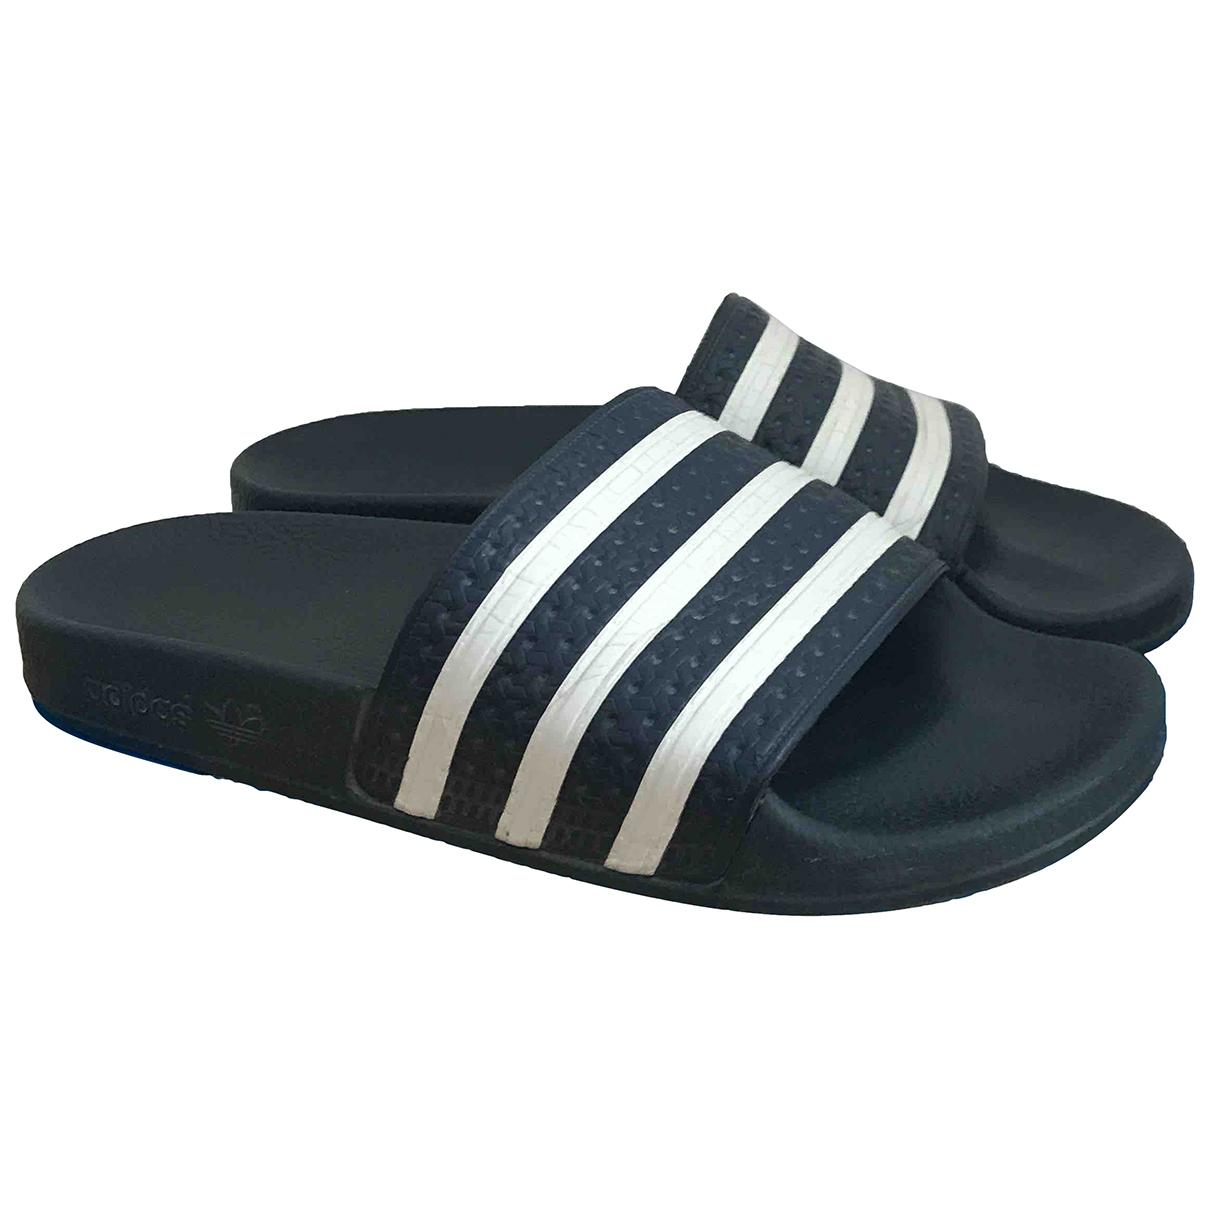 Adidas - Sandales Adilette  pour femme en caoutchouc - marine